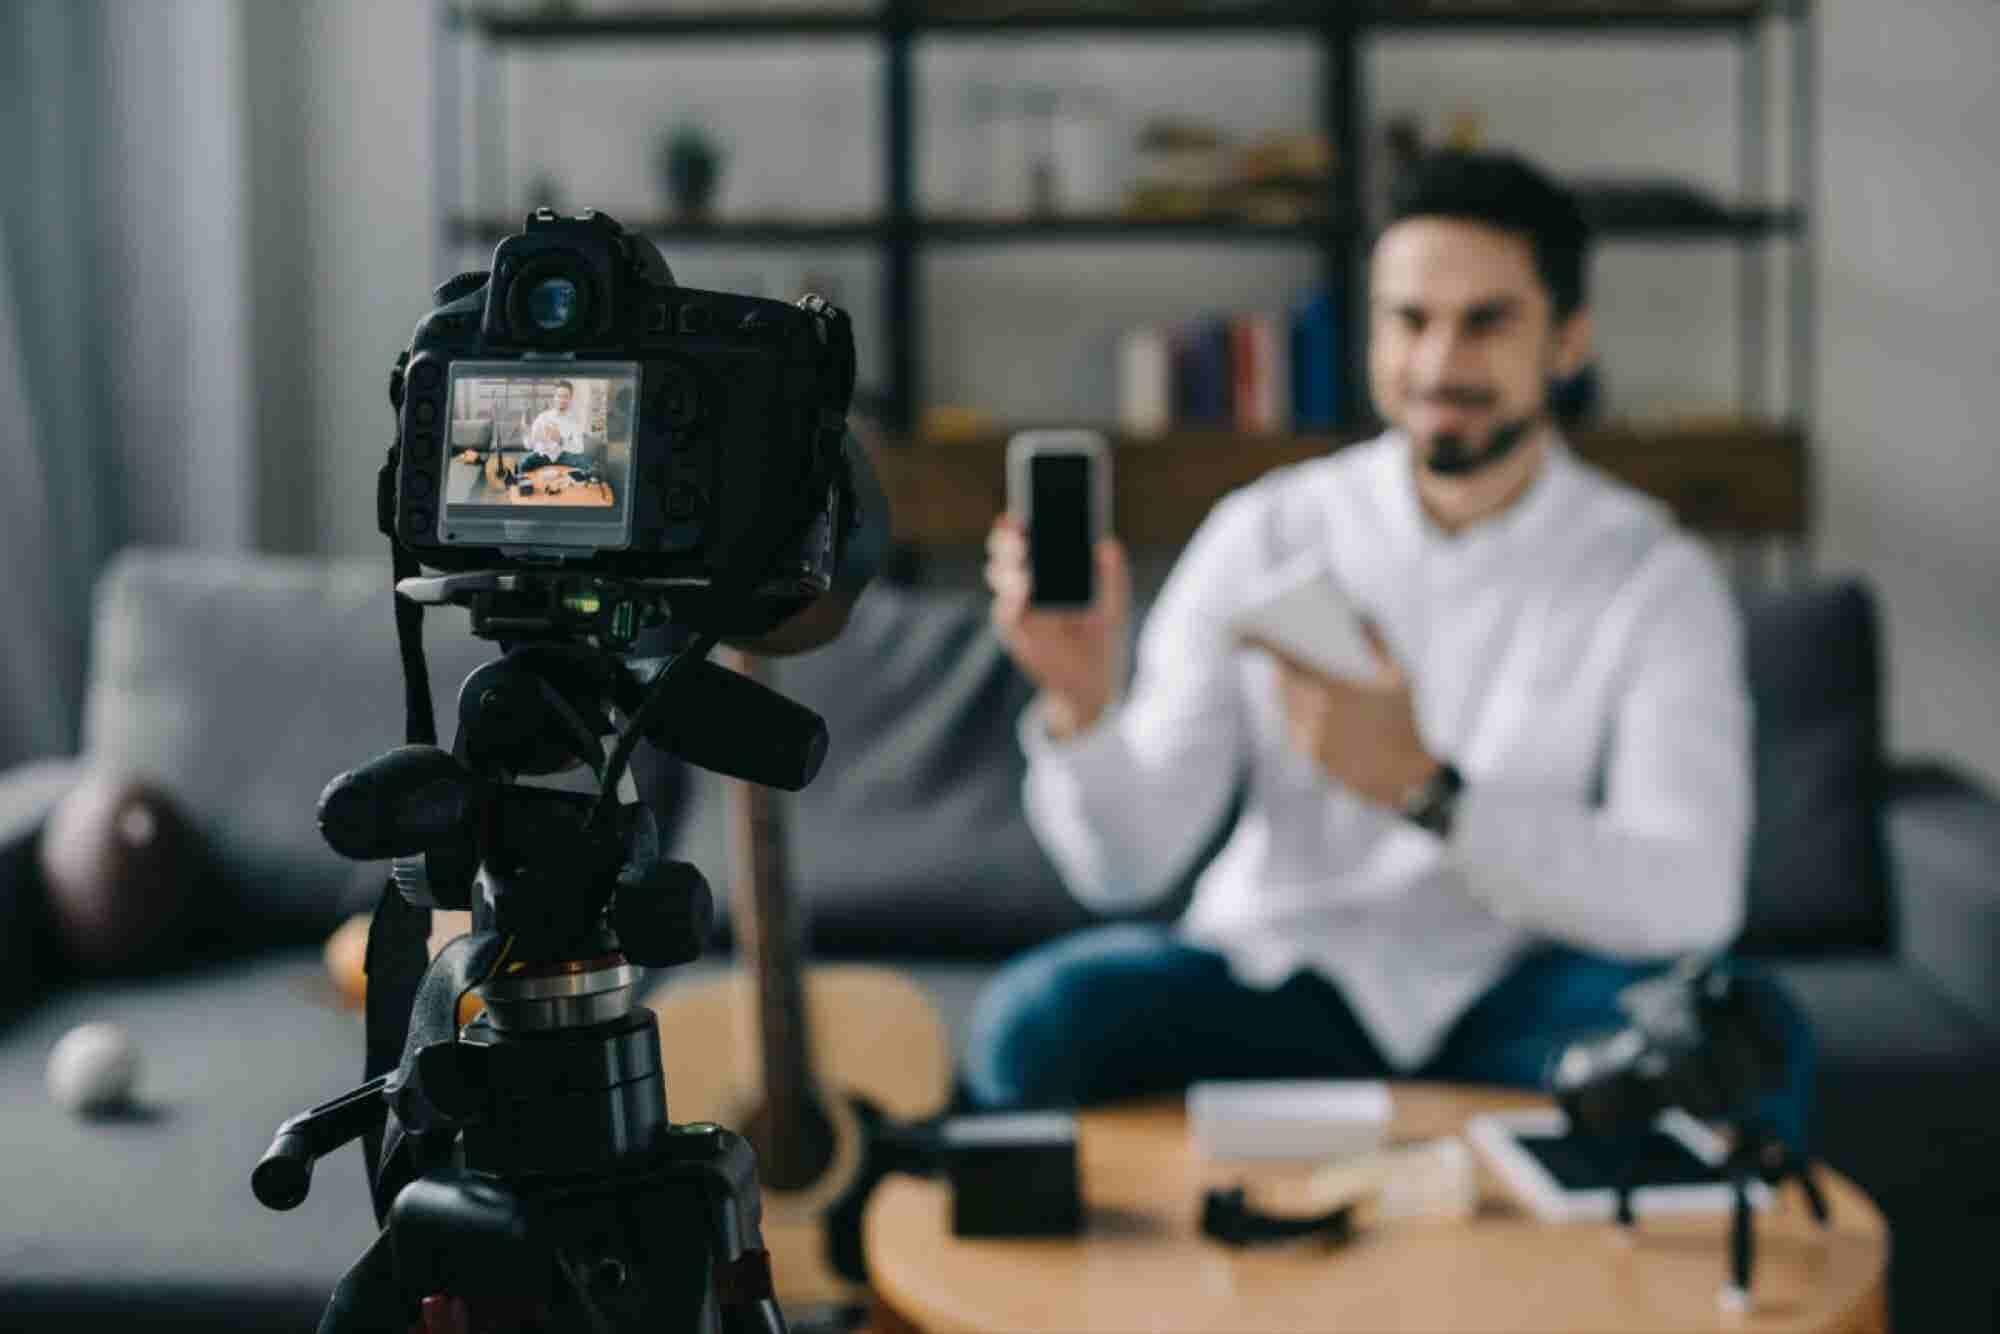 Haz un video testimonial exitoso de tu producto